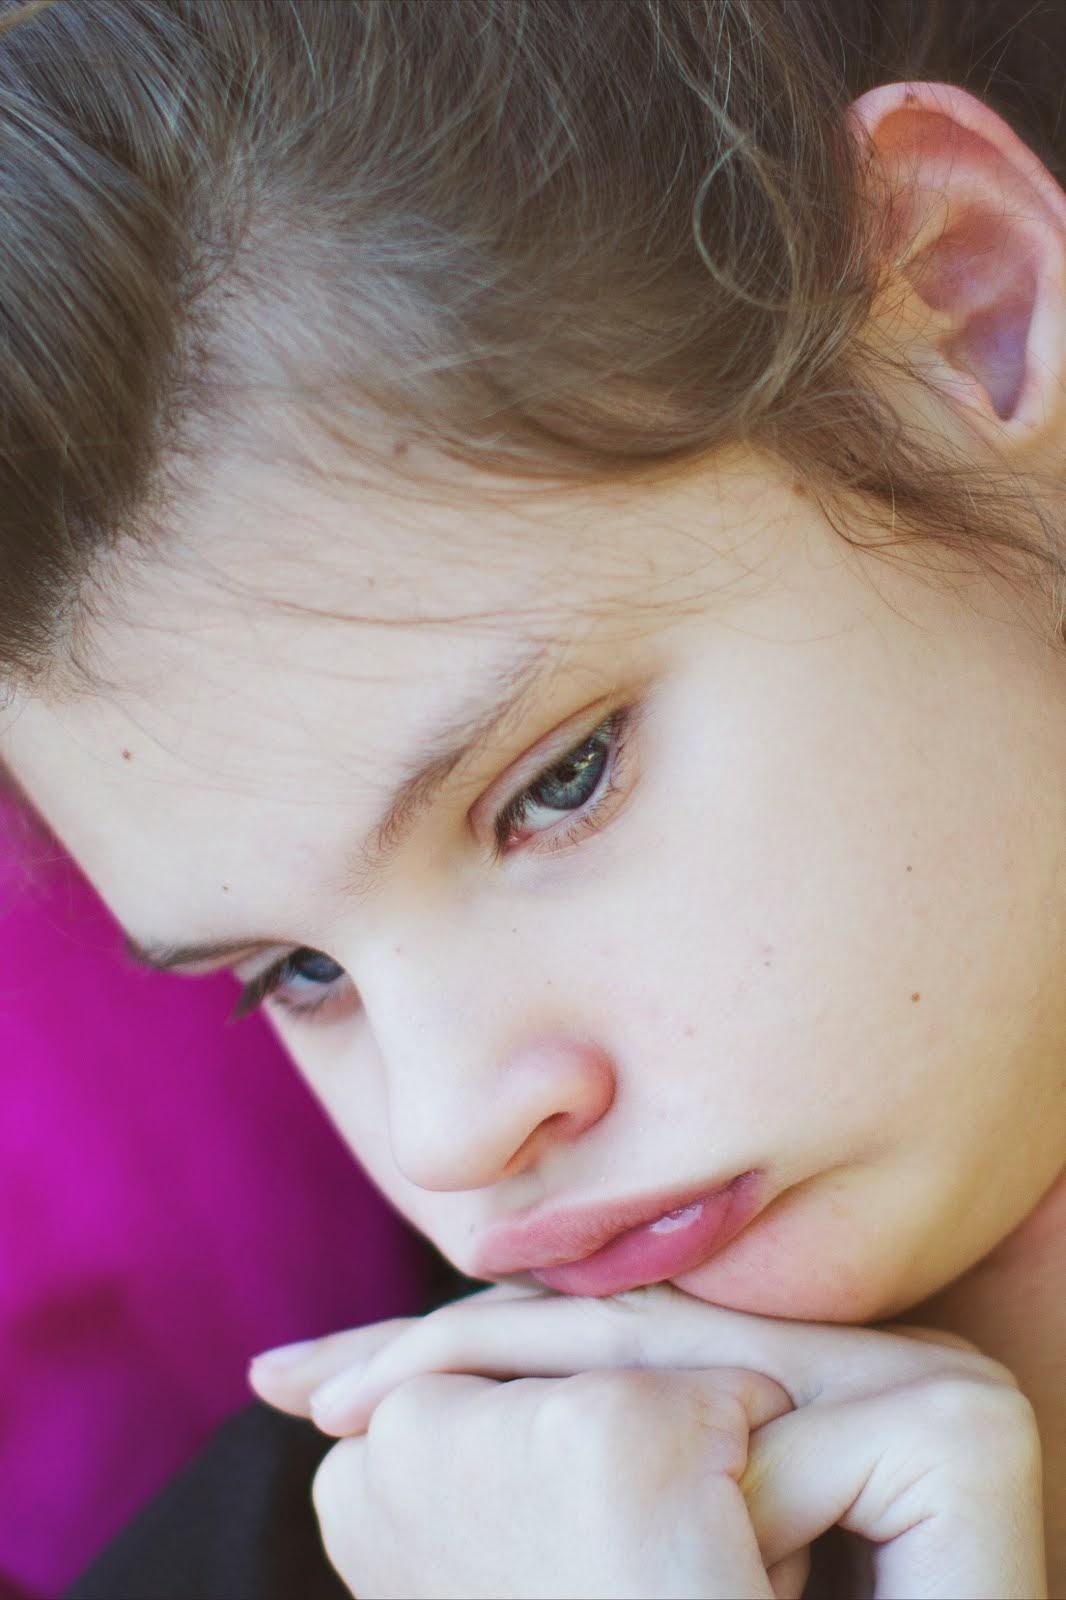 LilyAnna Blu 12